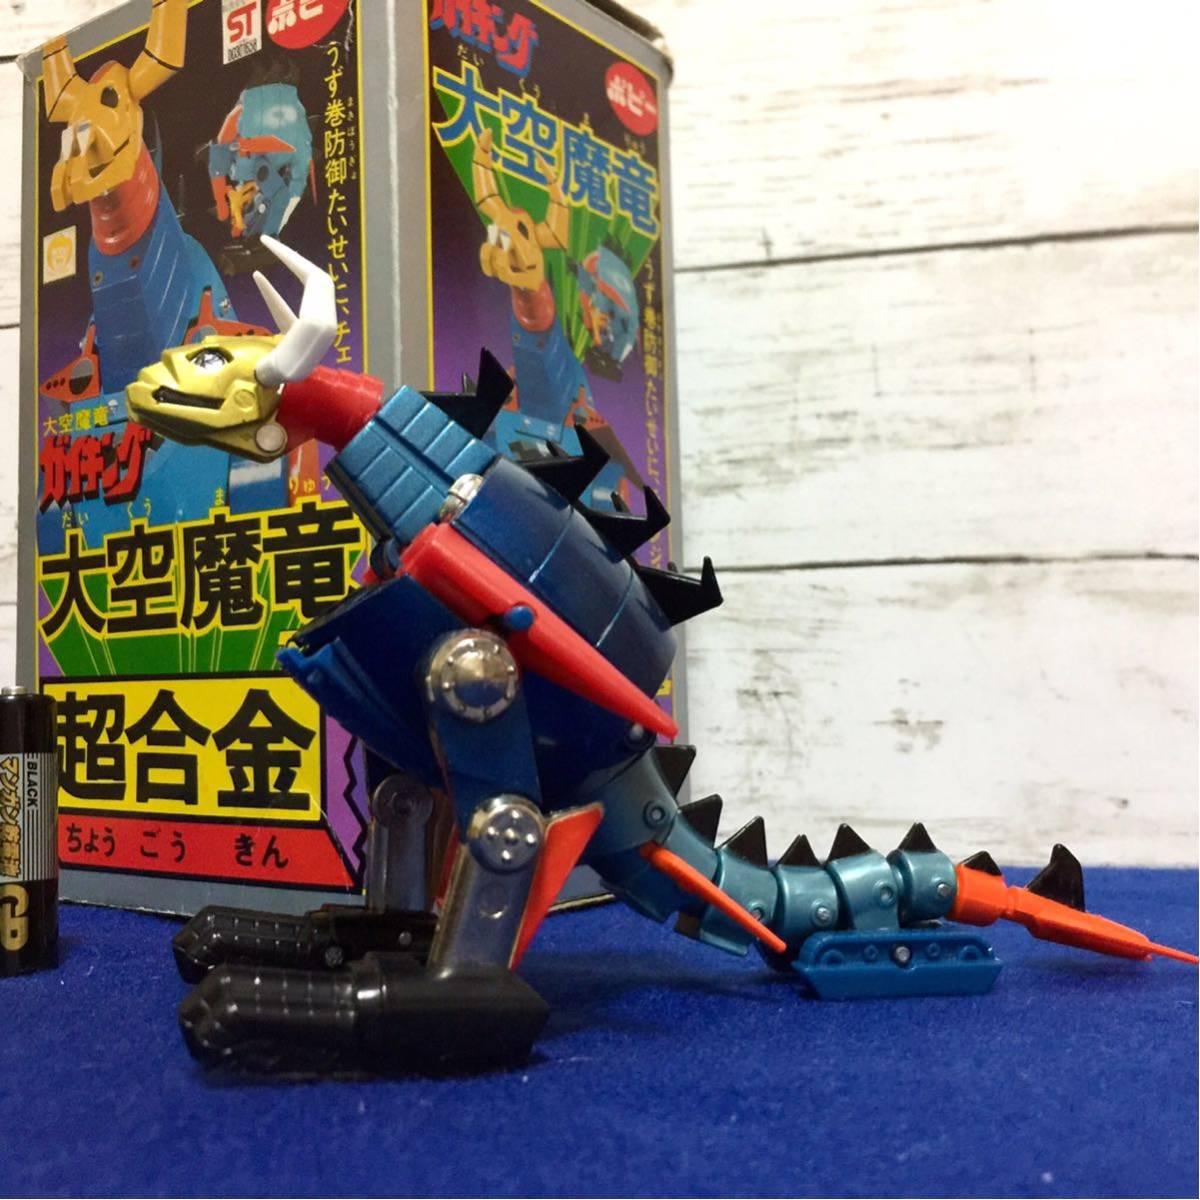 ポピー 大空魔竜ガイキング 超合金 大空魔竜 GA-52 昭和当時もの 昭和アニメヒーロー タカトク バンダイ フィギュア _画像2